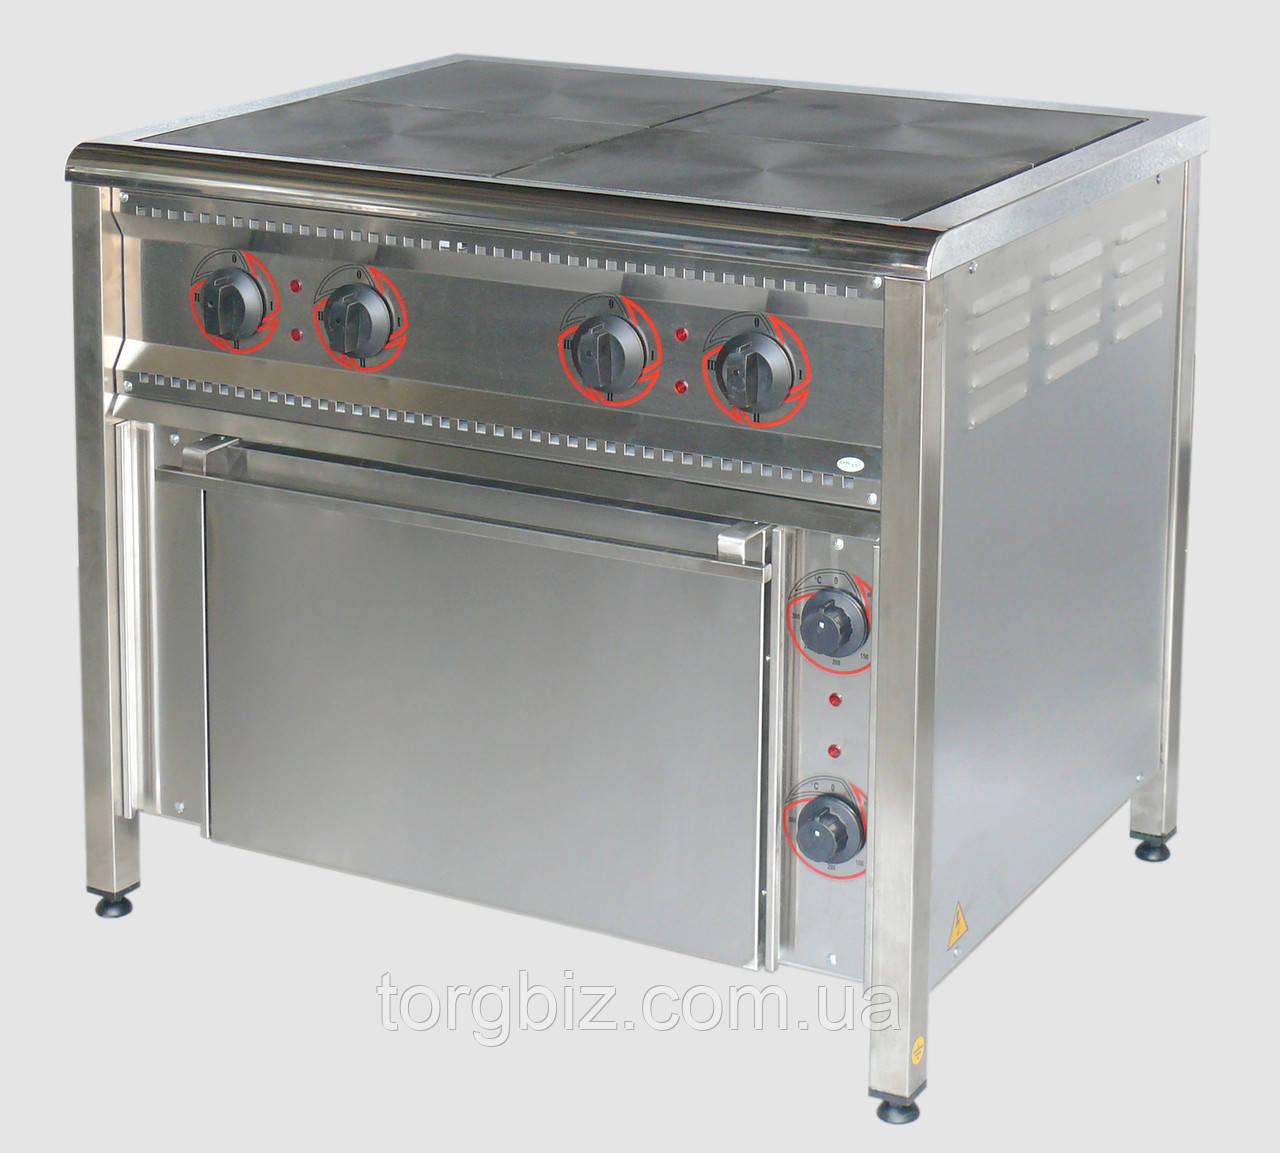 Электрическая плита 4 конфорочная ПЕ-4Ш Н (Крашеная или нерж. сталь)